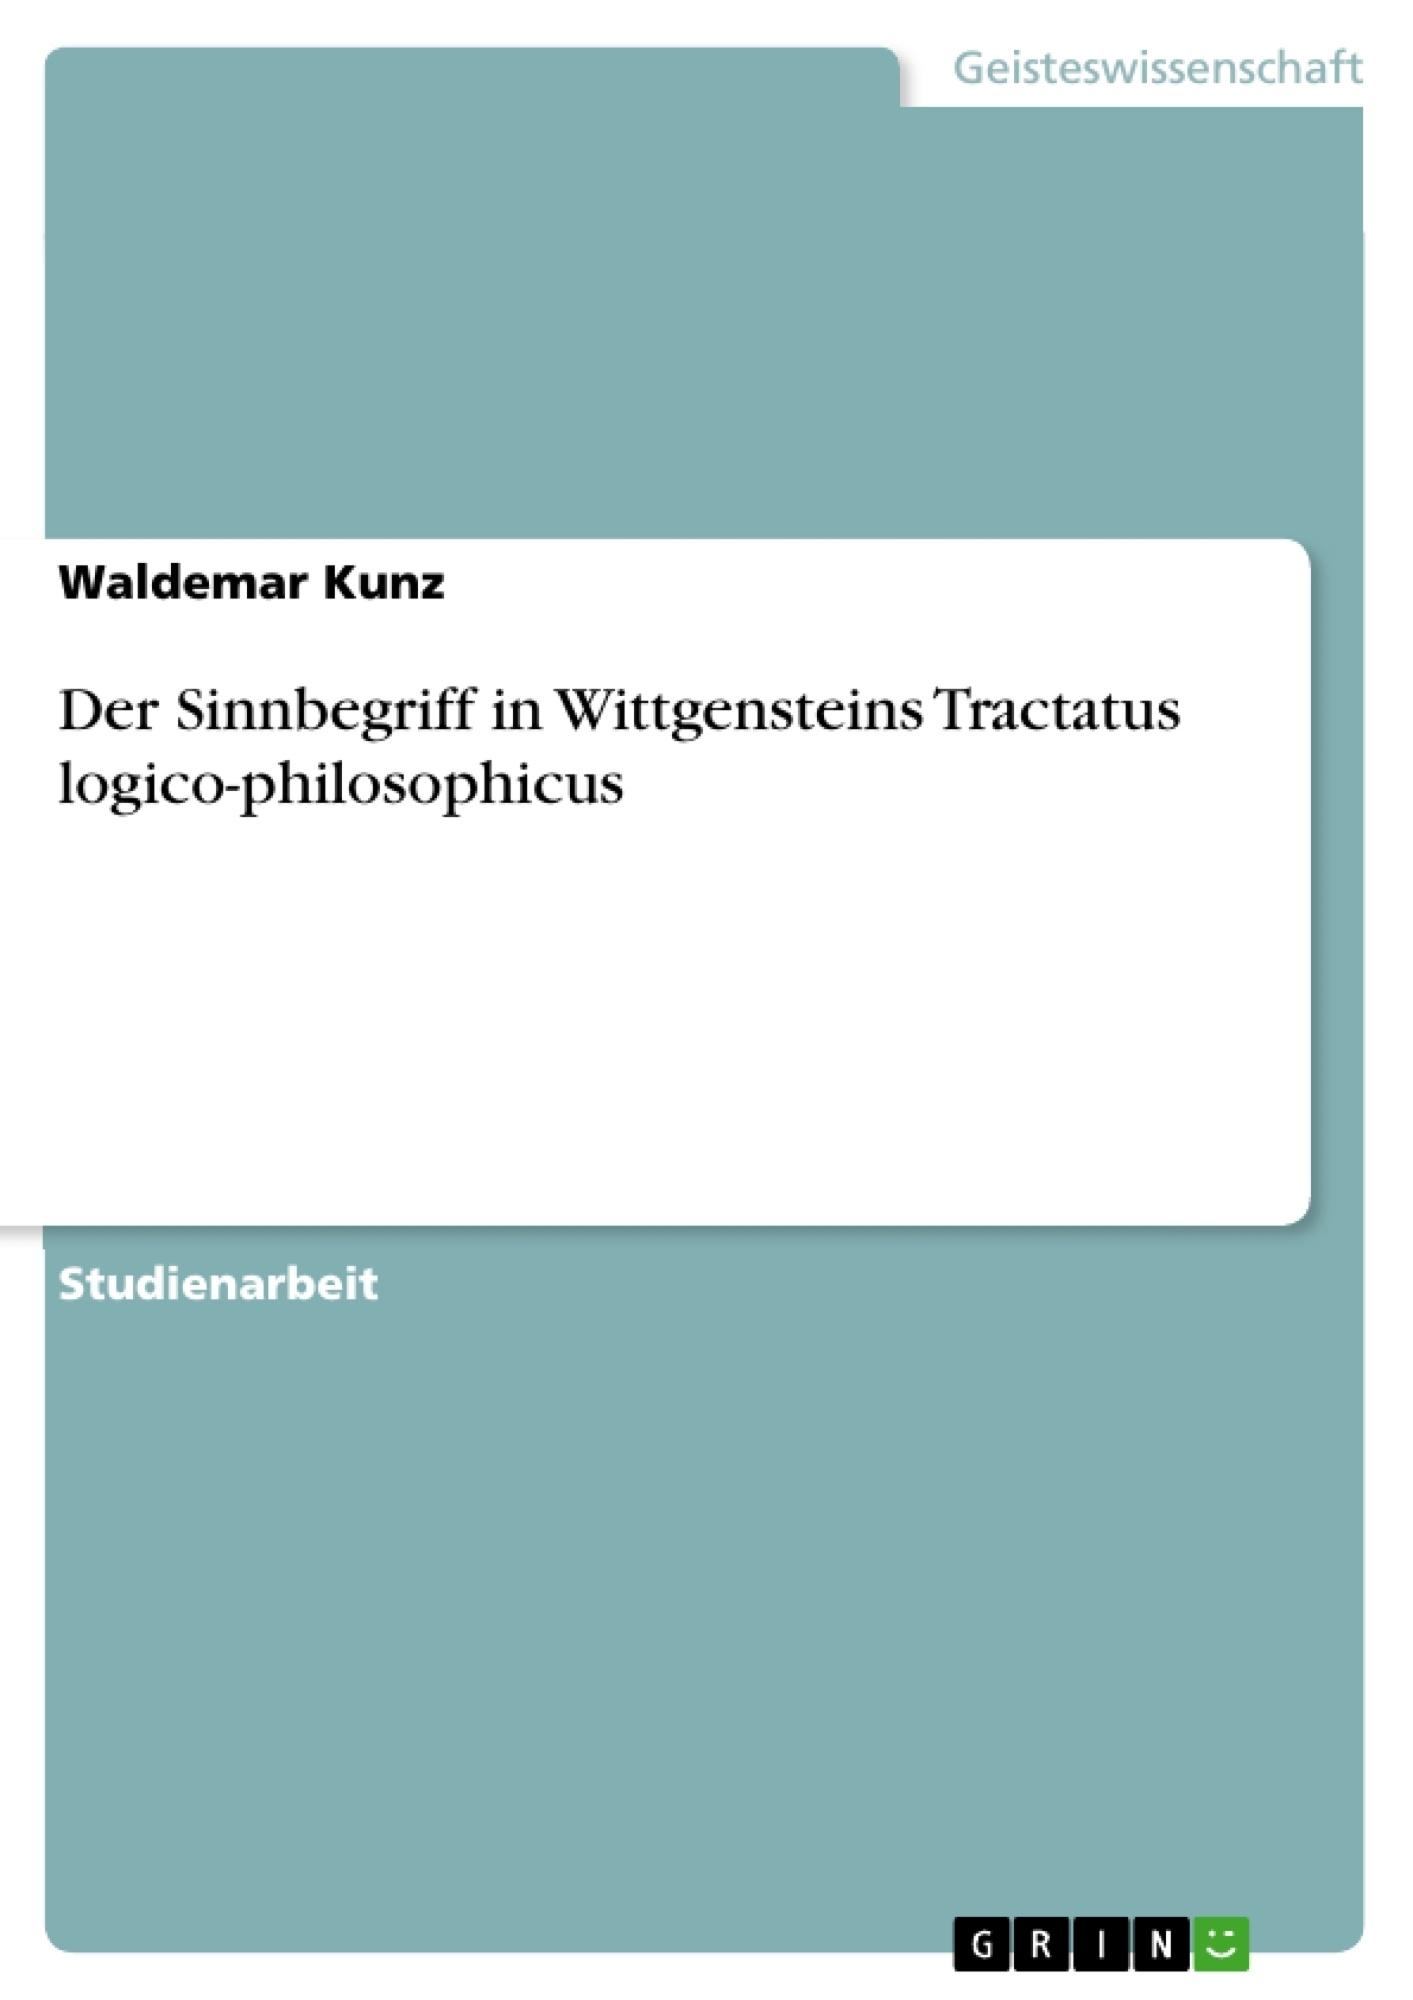 Titel: Der Sinnbegriff in Wittgensteins Tractatus logico-philosophicus